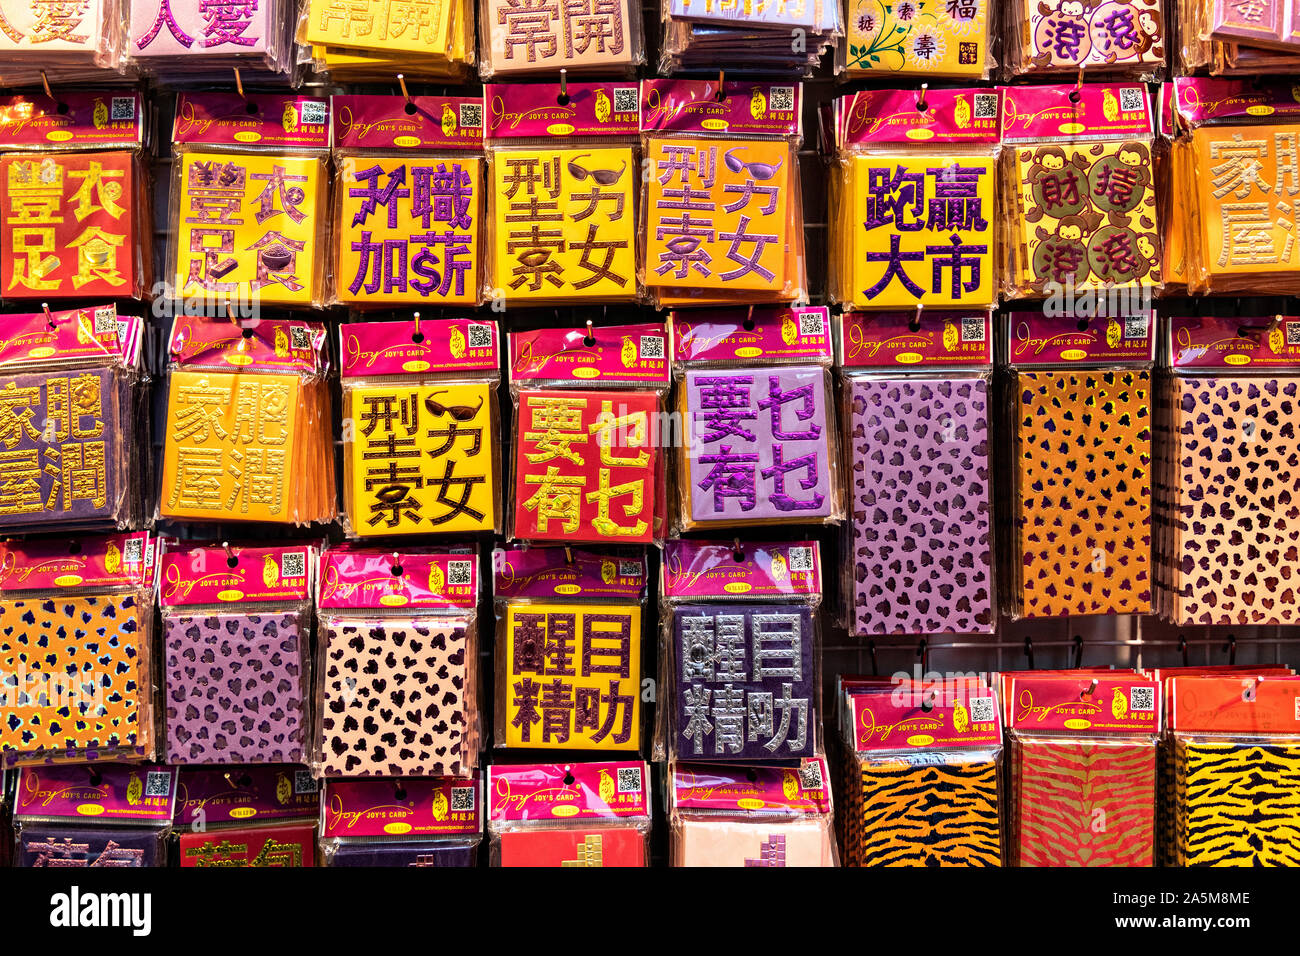 Una pantalla de regalo de Año Nuevo Chino sobres y saludos en una tienda en Kowloon, Hong Kong. Los sobres de papel, llamado tao hongbao son los tradicionales regalos de dinero para otorgar la suerte en el receptor durante las celebraciones del Año Nuevo Lunar. Foto de stock